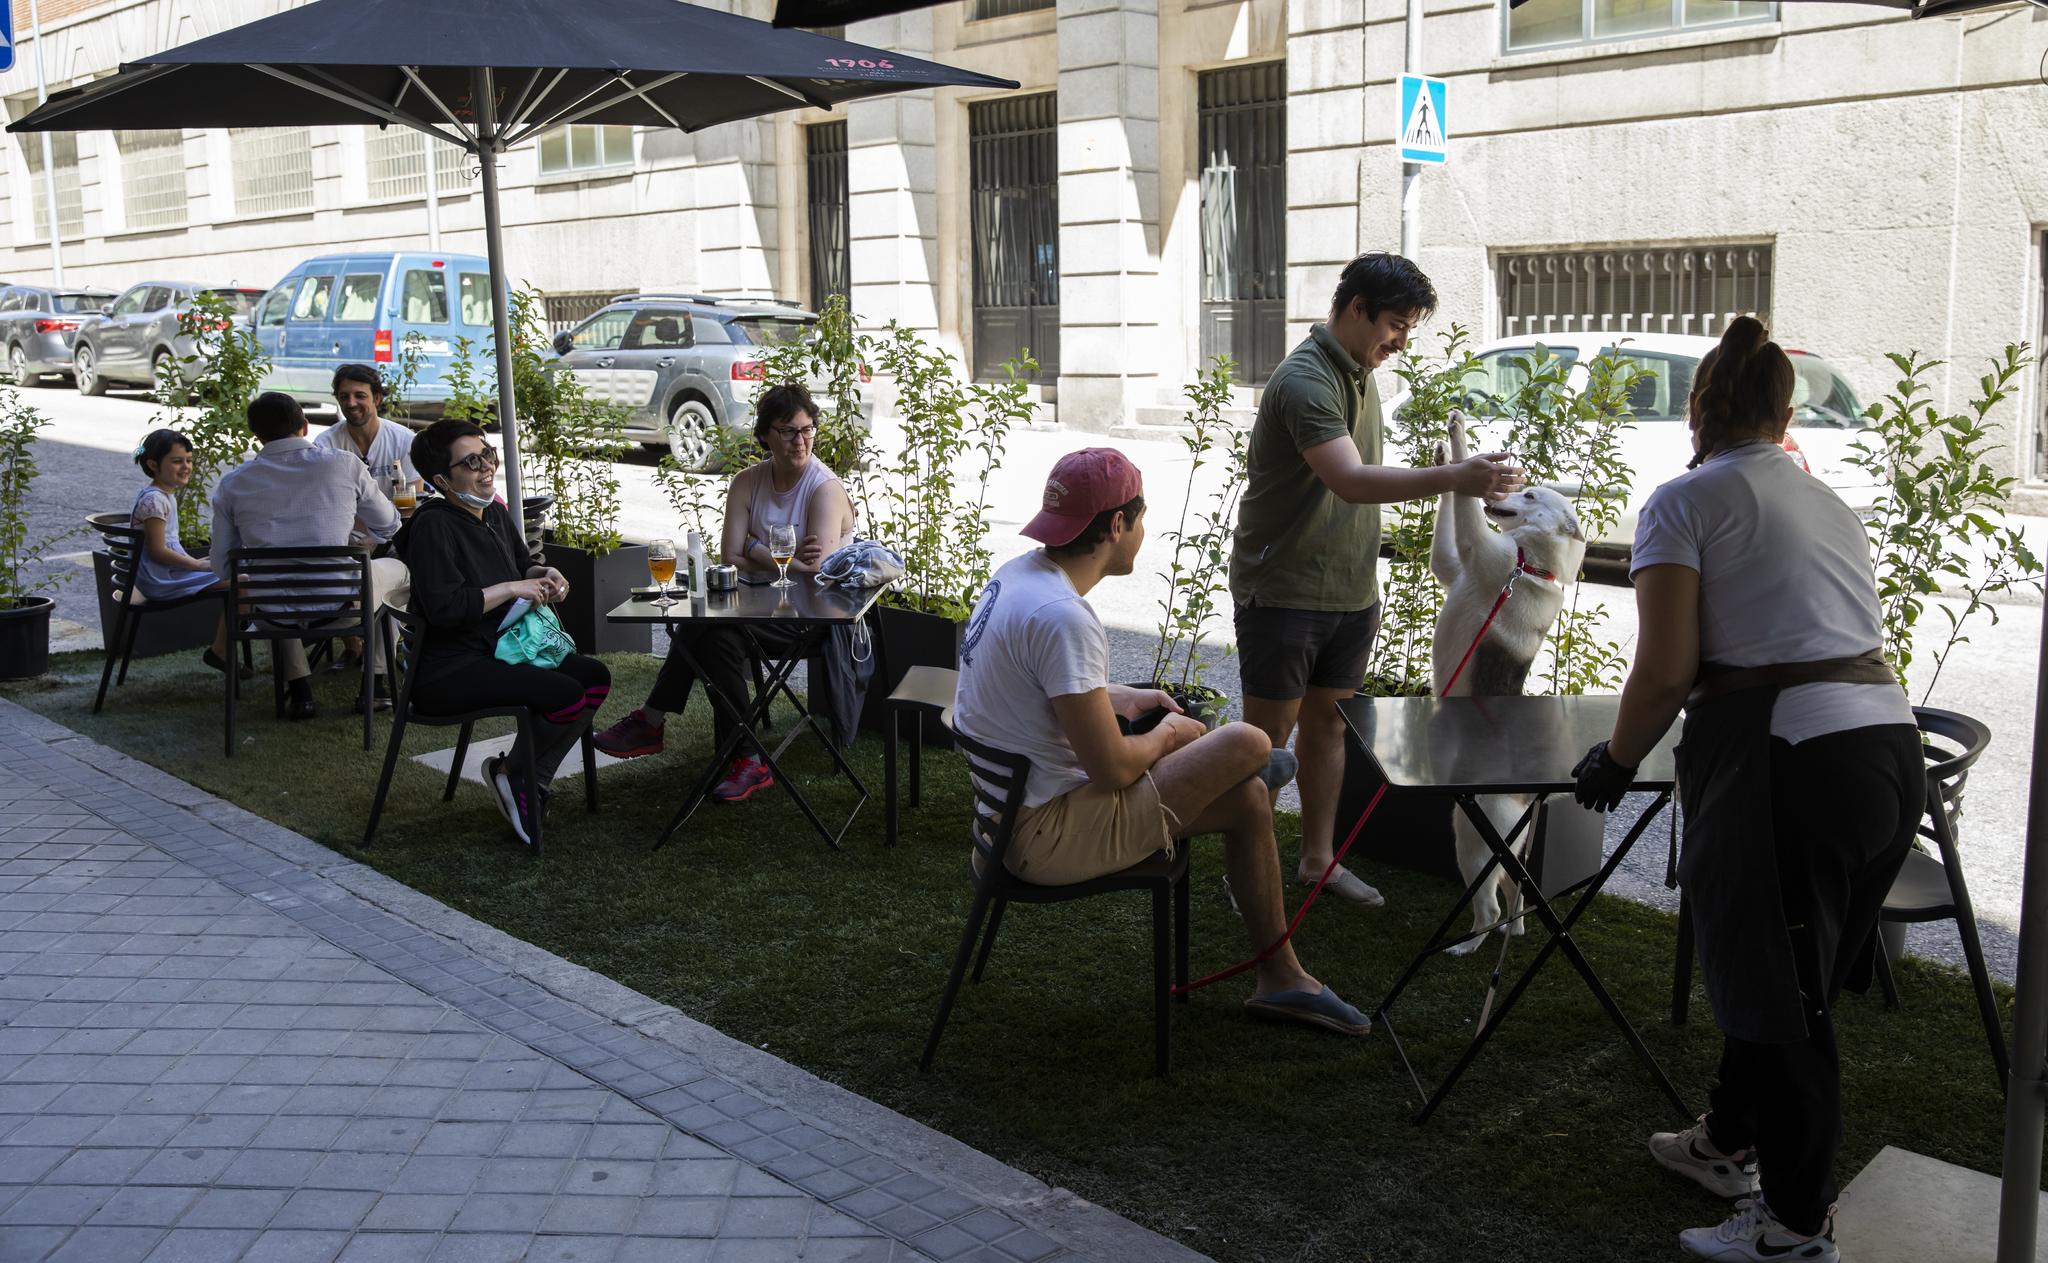 Foto Bernardo Díaz. 05/06/2020. lt;HIT gt;Madrid lt;/HIT gt;. Covid-19. Coronavirus. Fase 1. Hostelería. Terrazas instaladas en plazas de aparcamiento. lt;HIT gt;Bar lt;/HIT gt; Restaurante Quercus, en la calle Calle de Bretón de los Herreros, 46